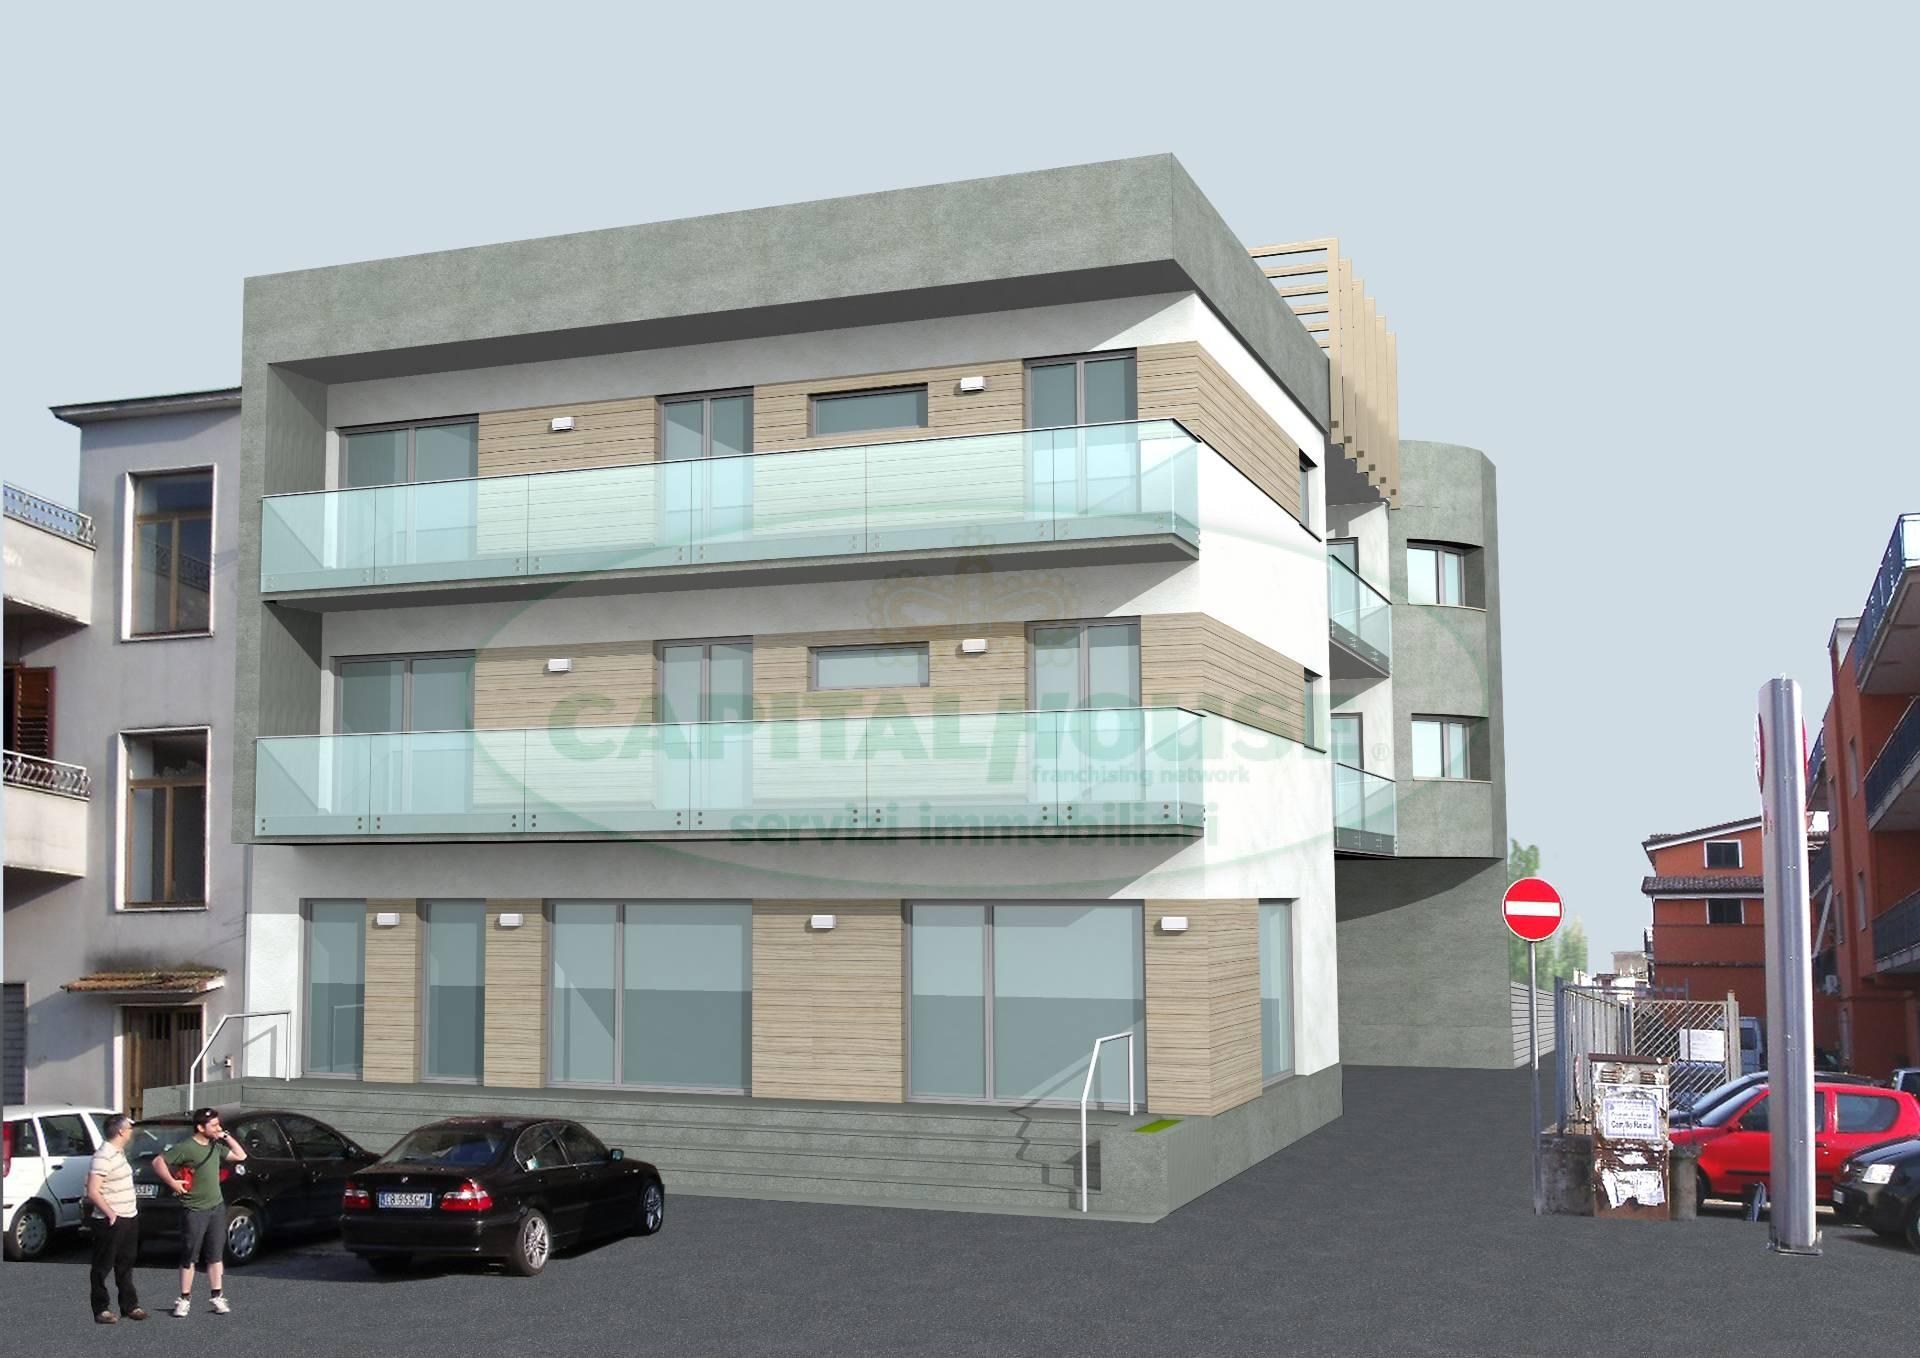 Negozio / Locale in vendita a Nola, 9999 locali, prezzo € 200.000 | Cambio Casa.it